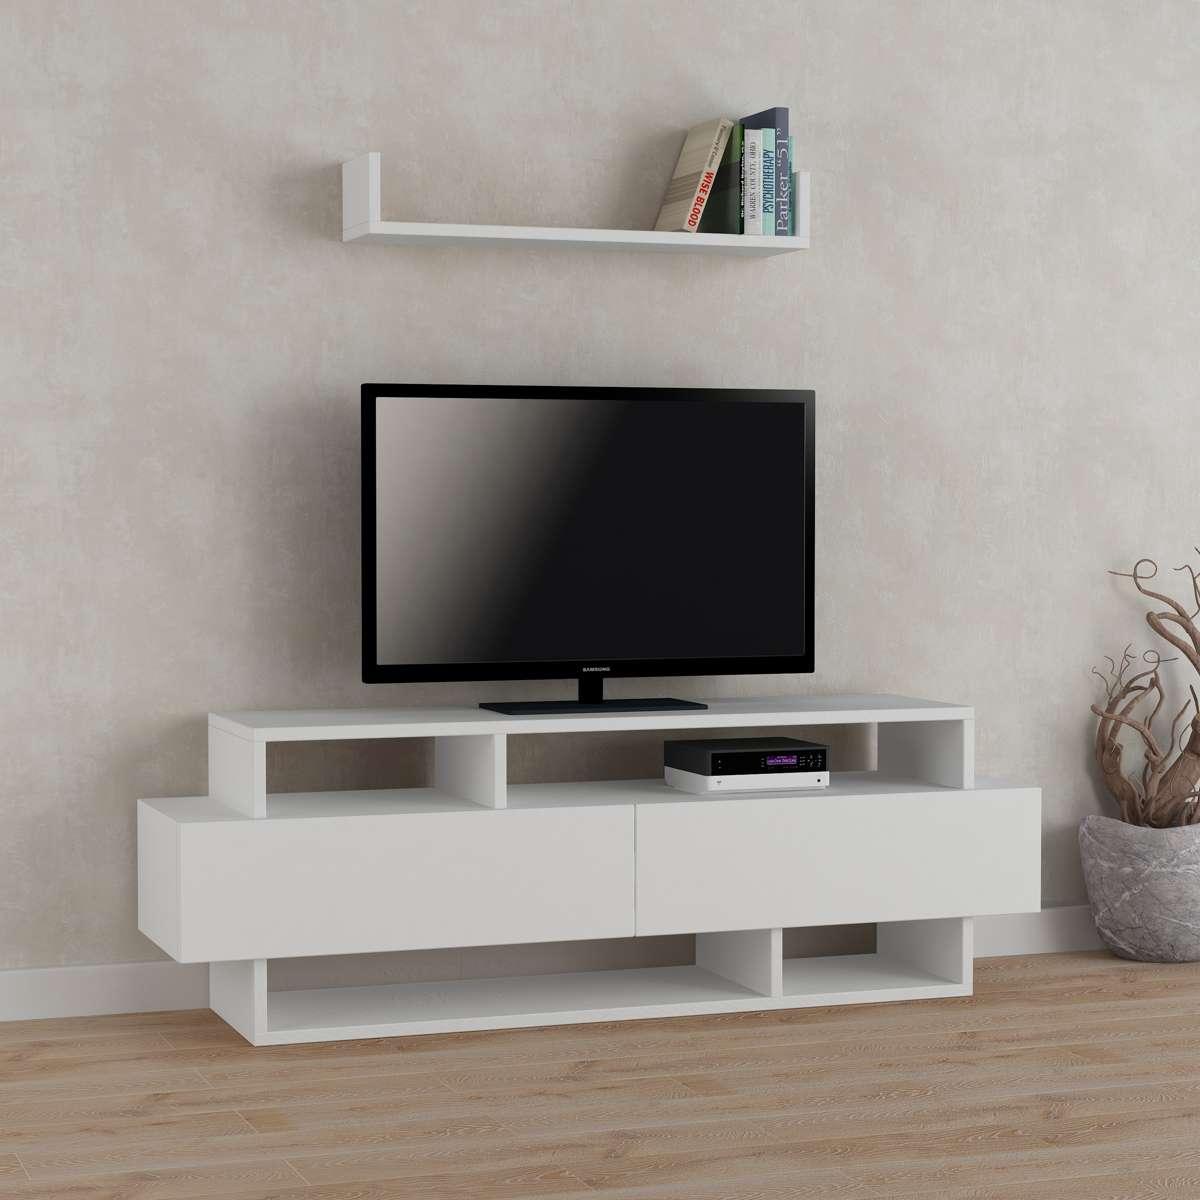 מזנון טלוויזיה עם מדף Rela לבן 125ס